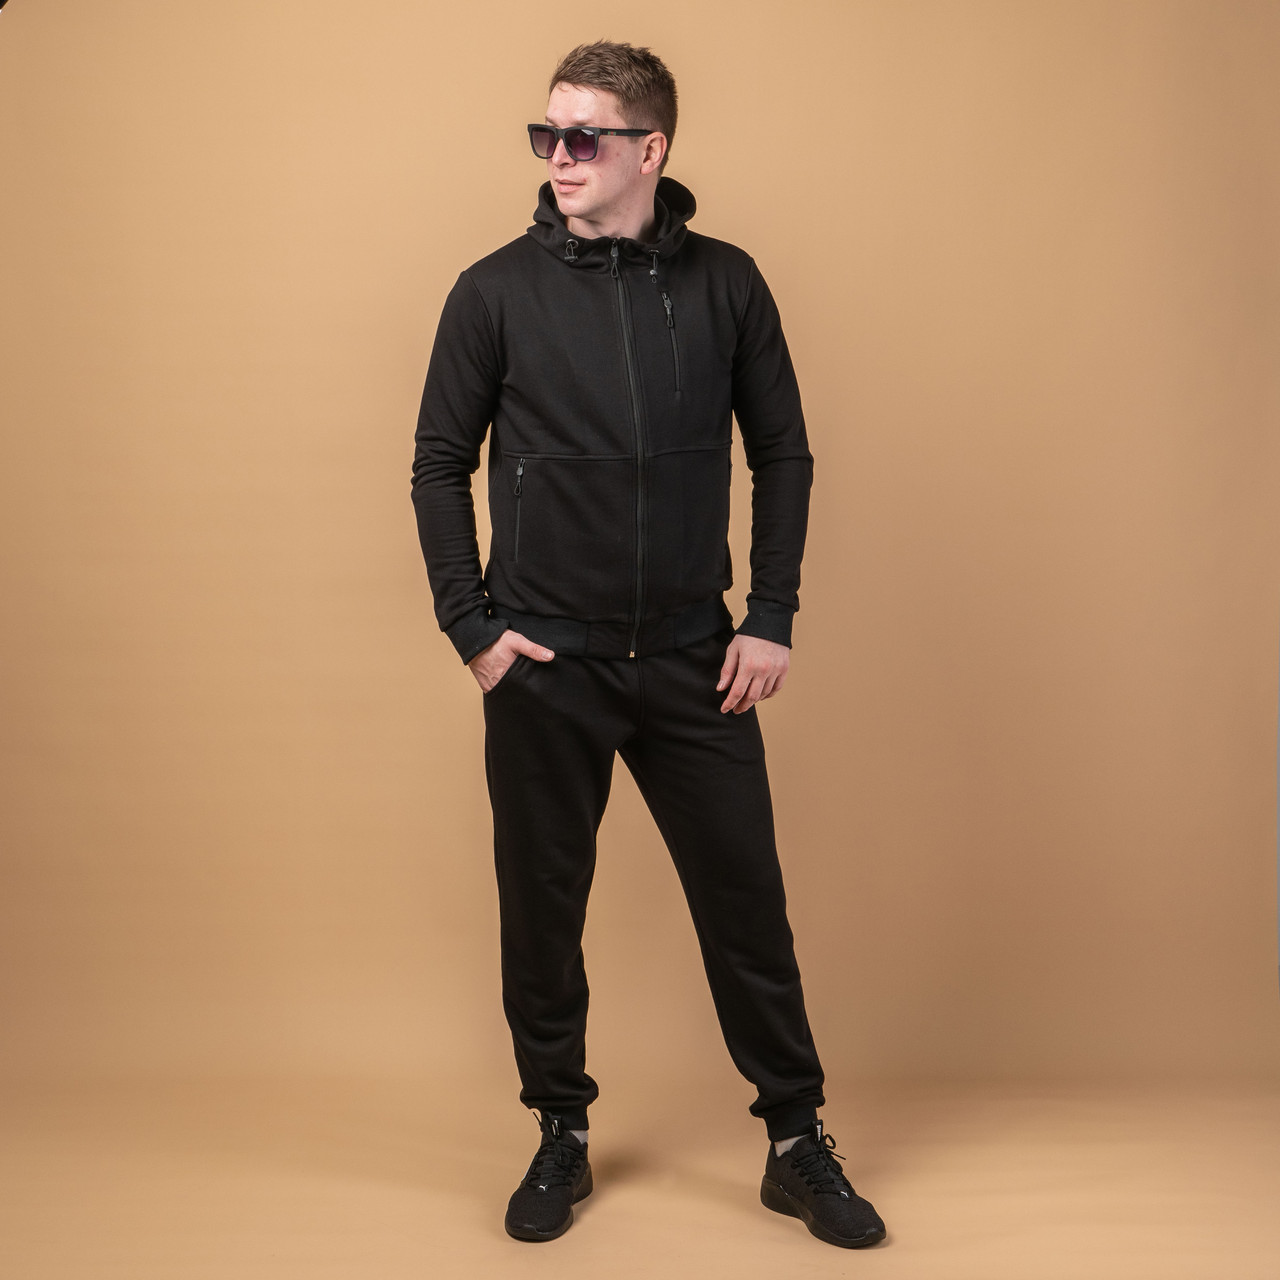 Мужской костюм спортивный модный  46-54 черный